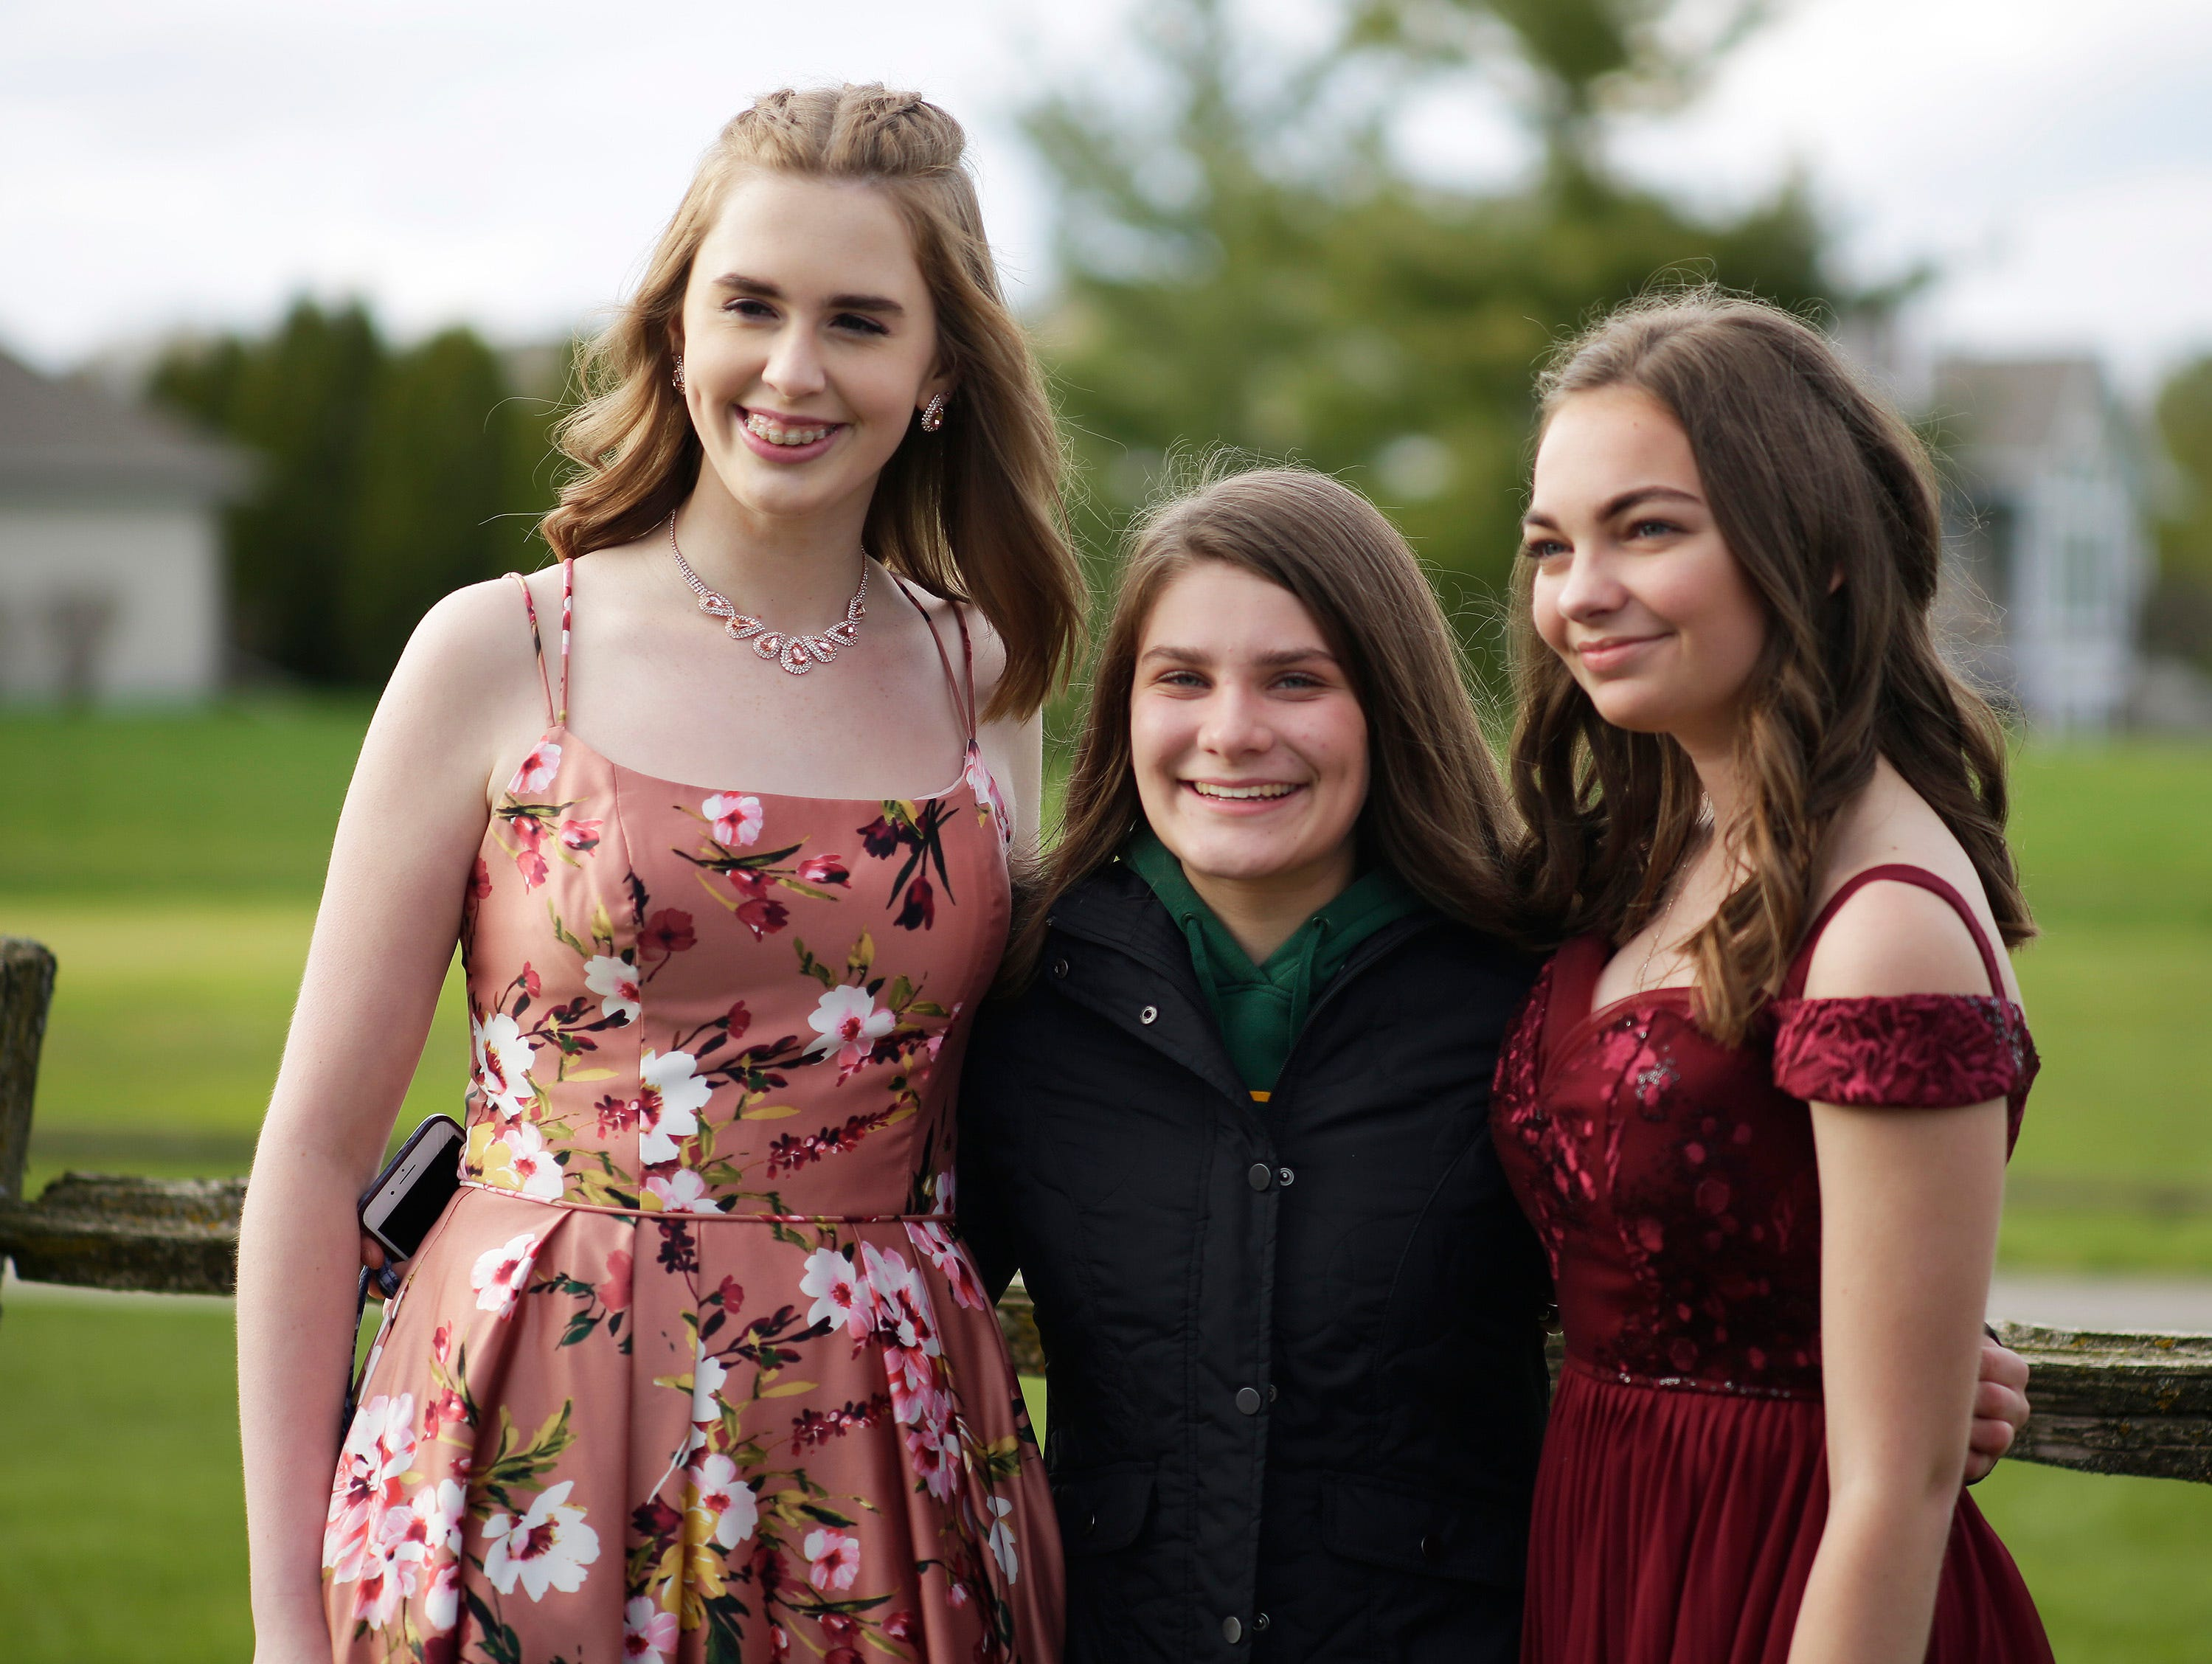 Scenes from the Sheboygan Lutheran Prom, Friday May 10, 2019, at The Bull at Pinehurst Farms in Sheboygan Falls, Wis.